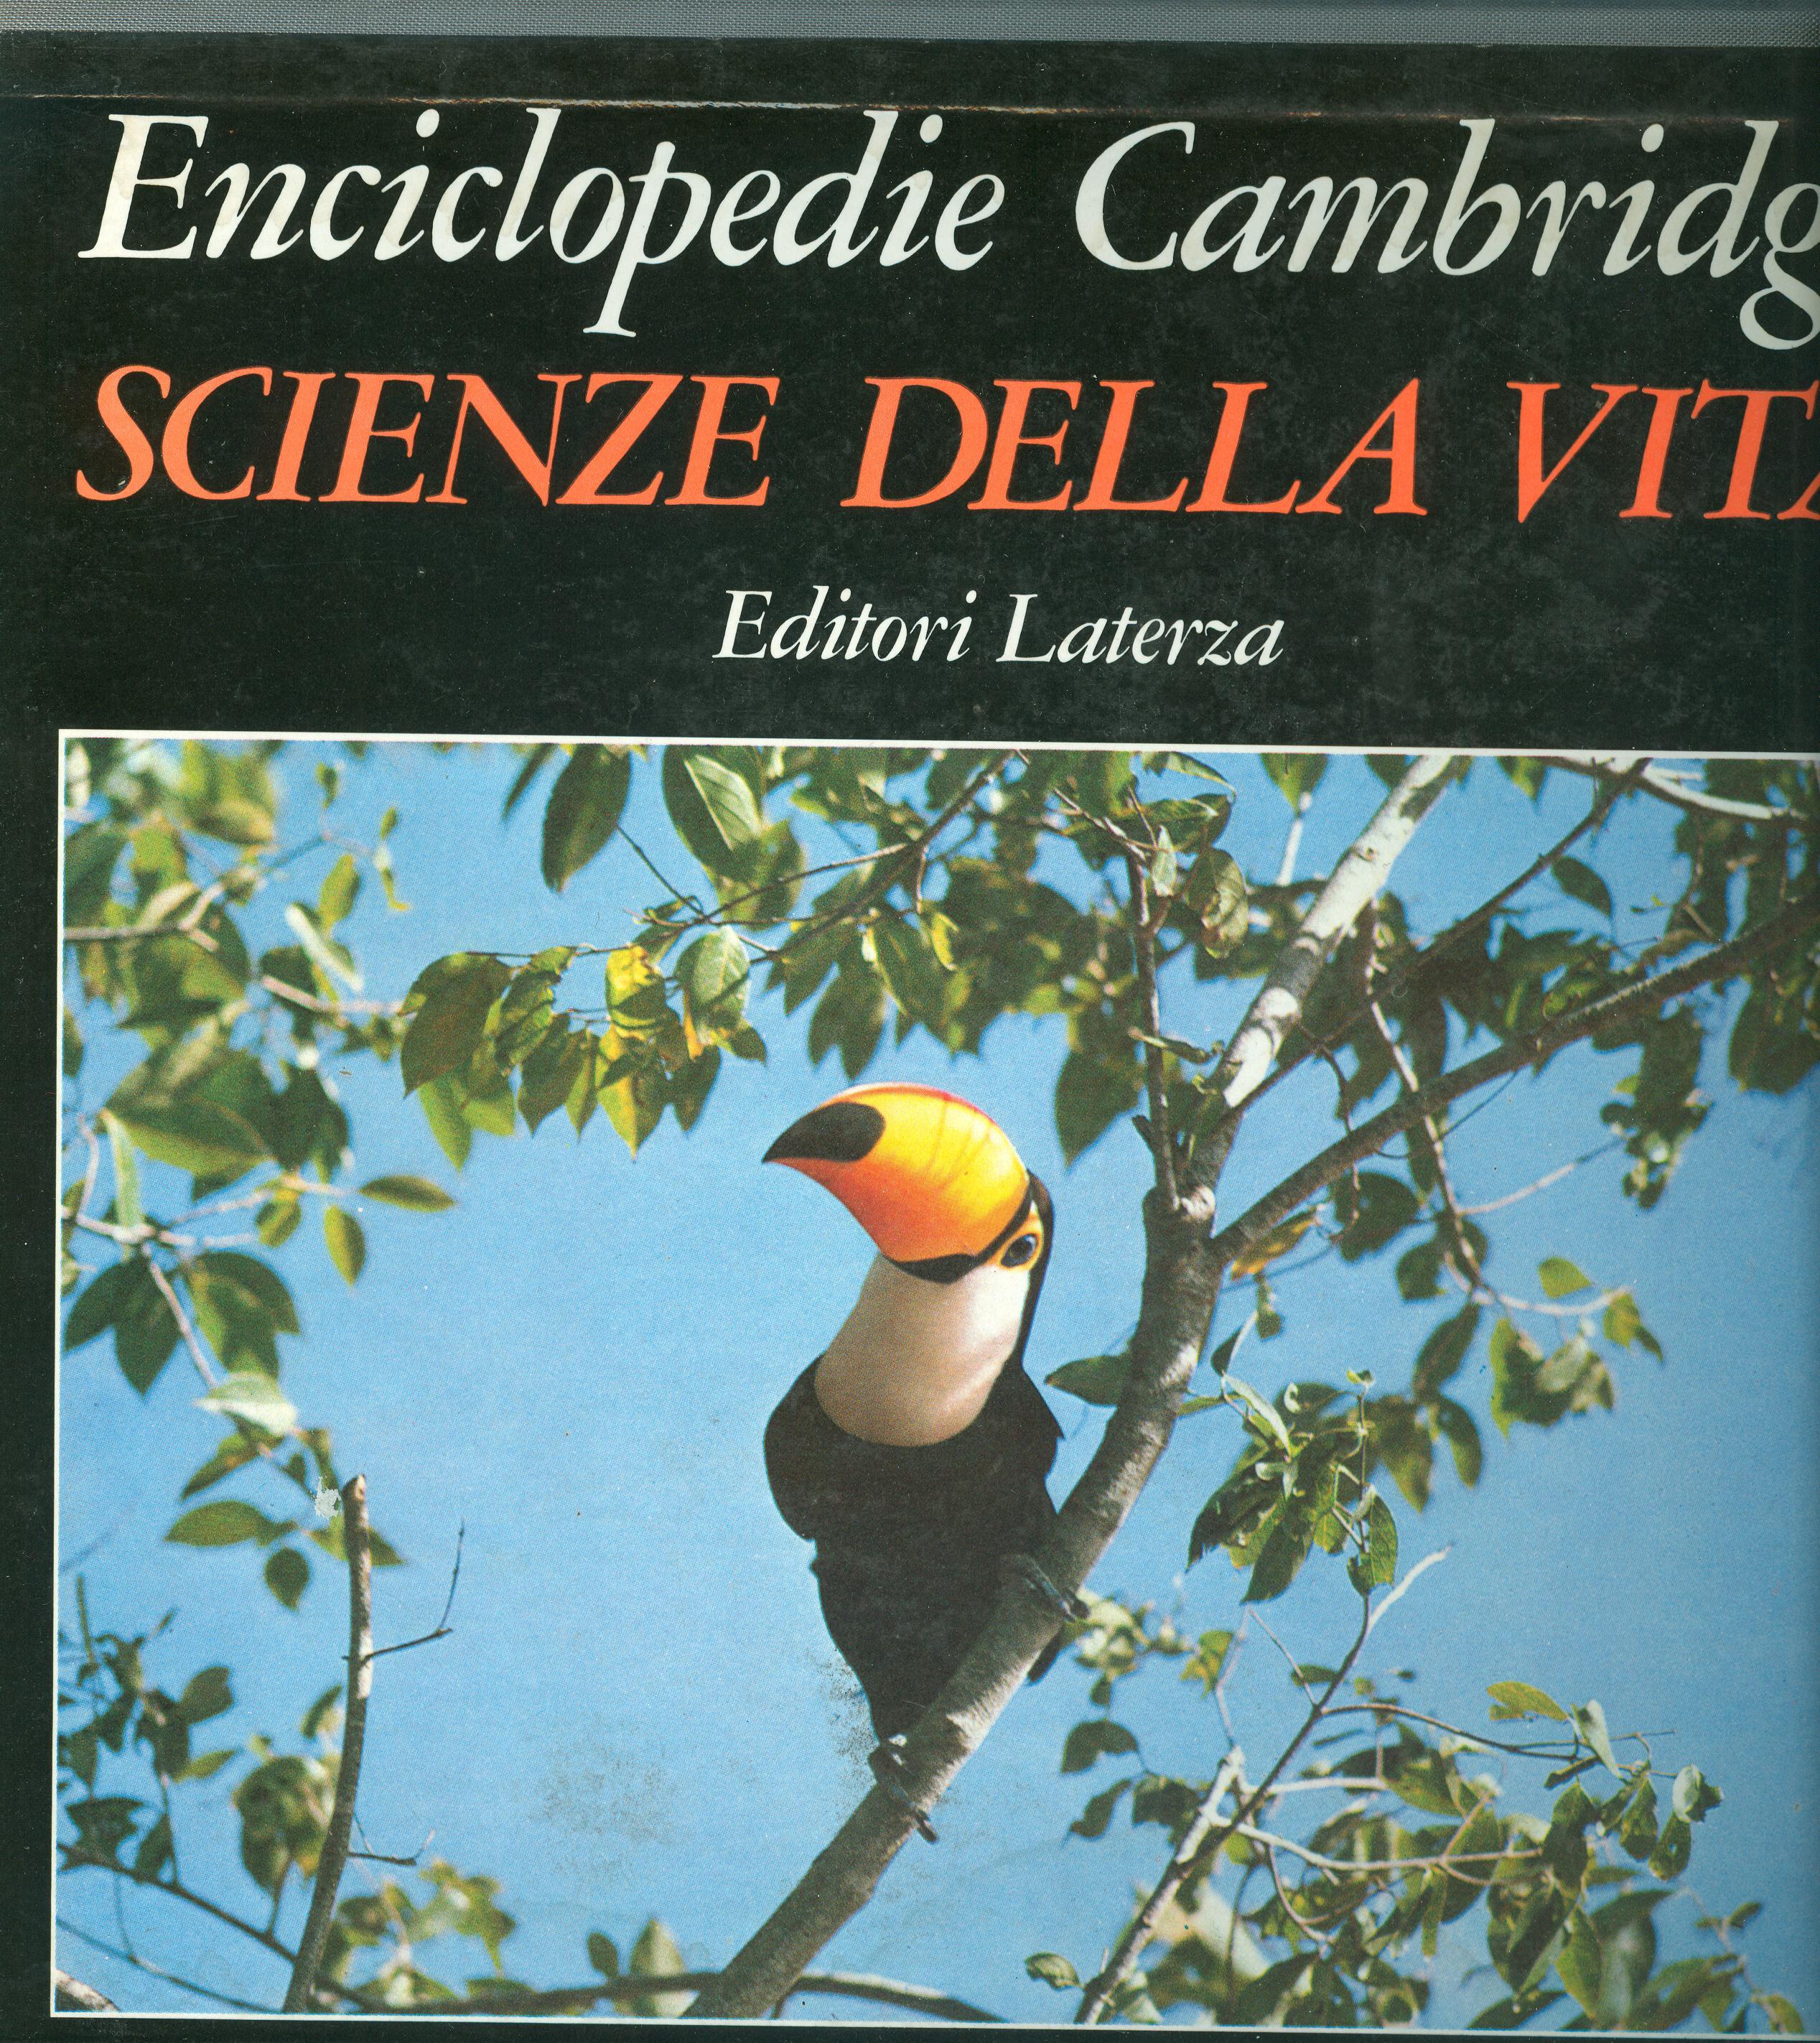 Cambridge, scienza della vita